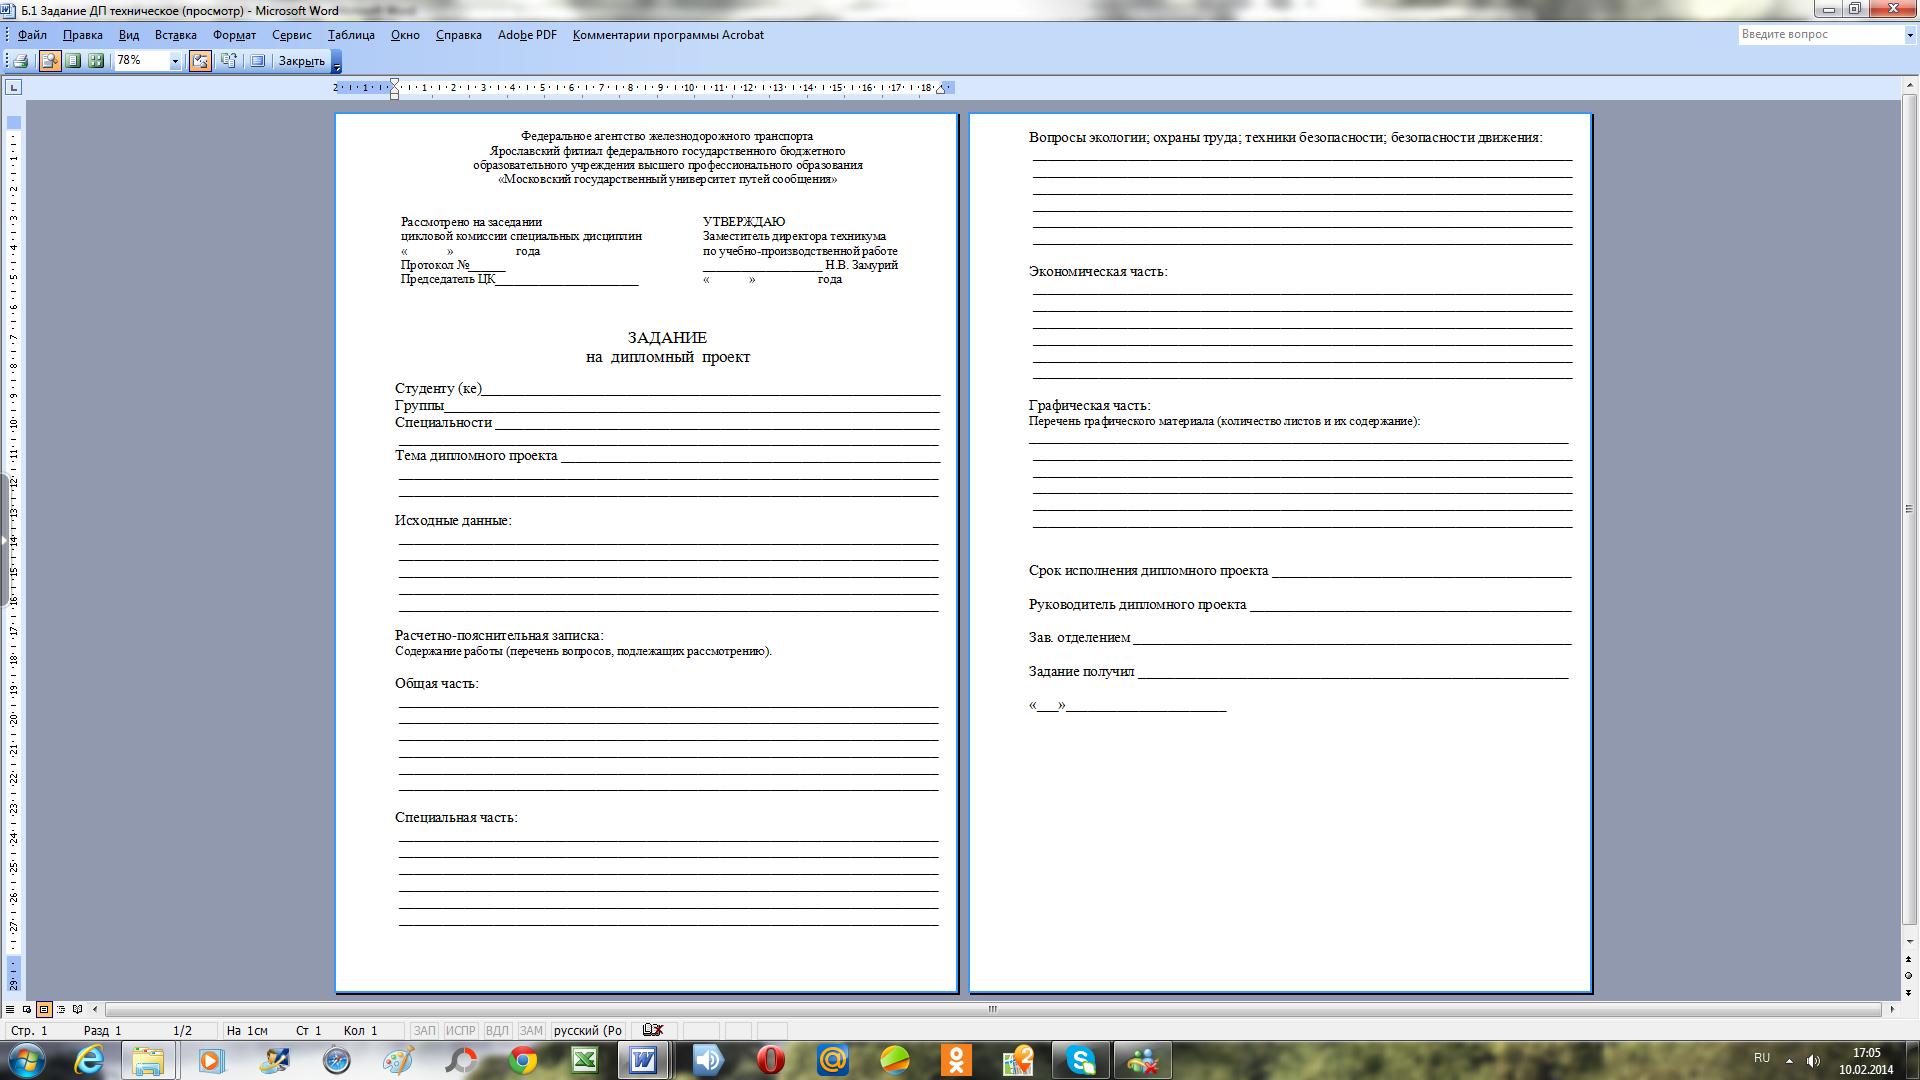 Оформление ТитульнОго листА Пример задания на дипломный проект работу представлен на рисунке 6 1 располагается на двух листах формата А4